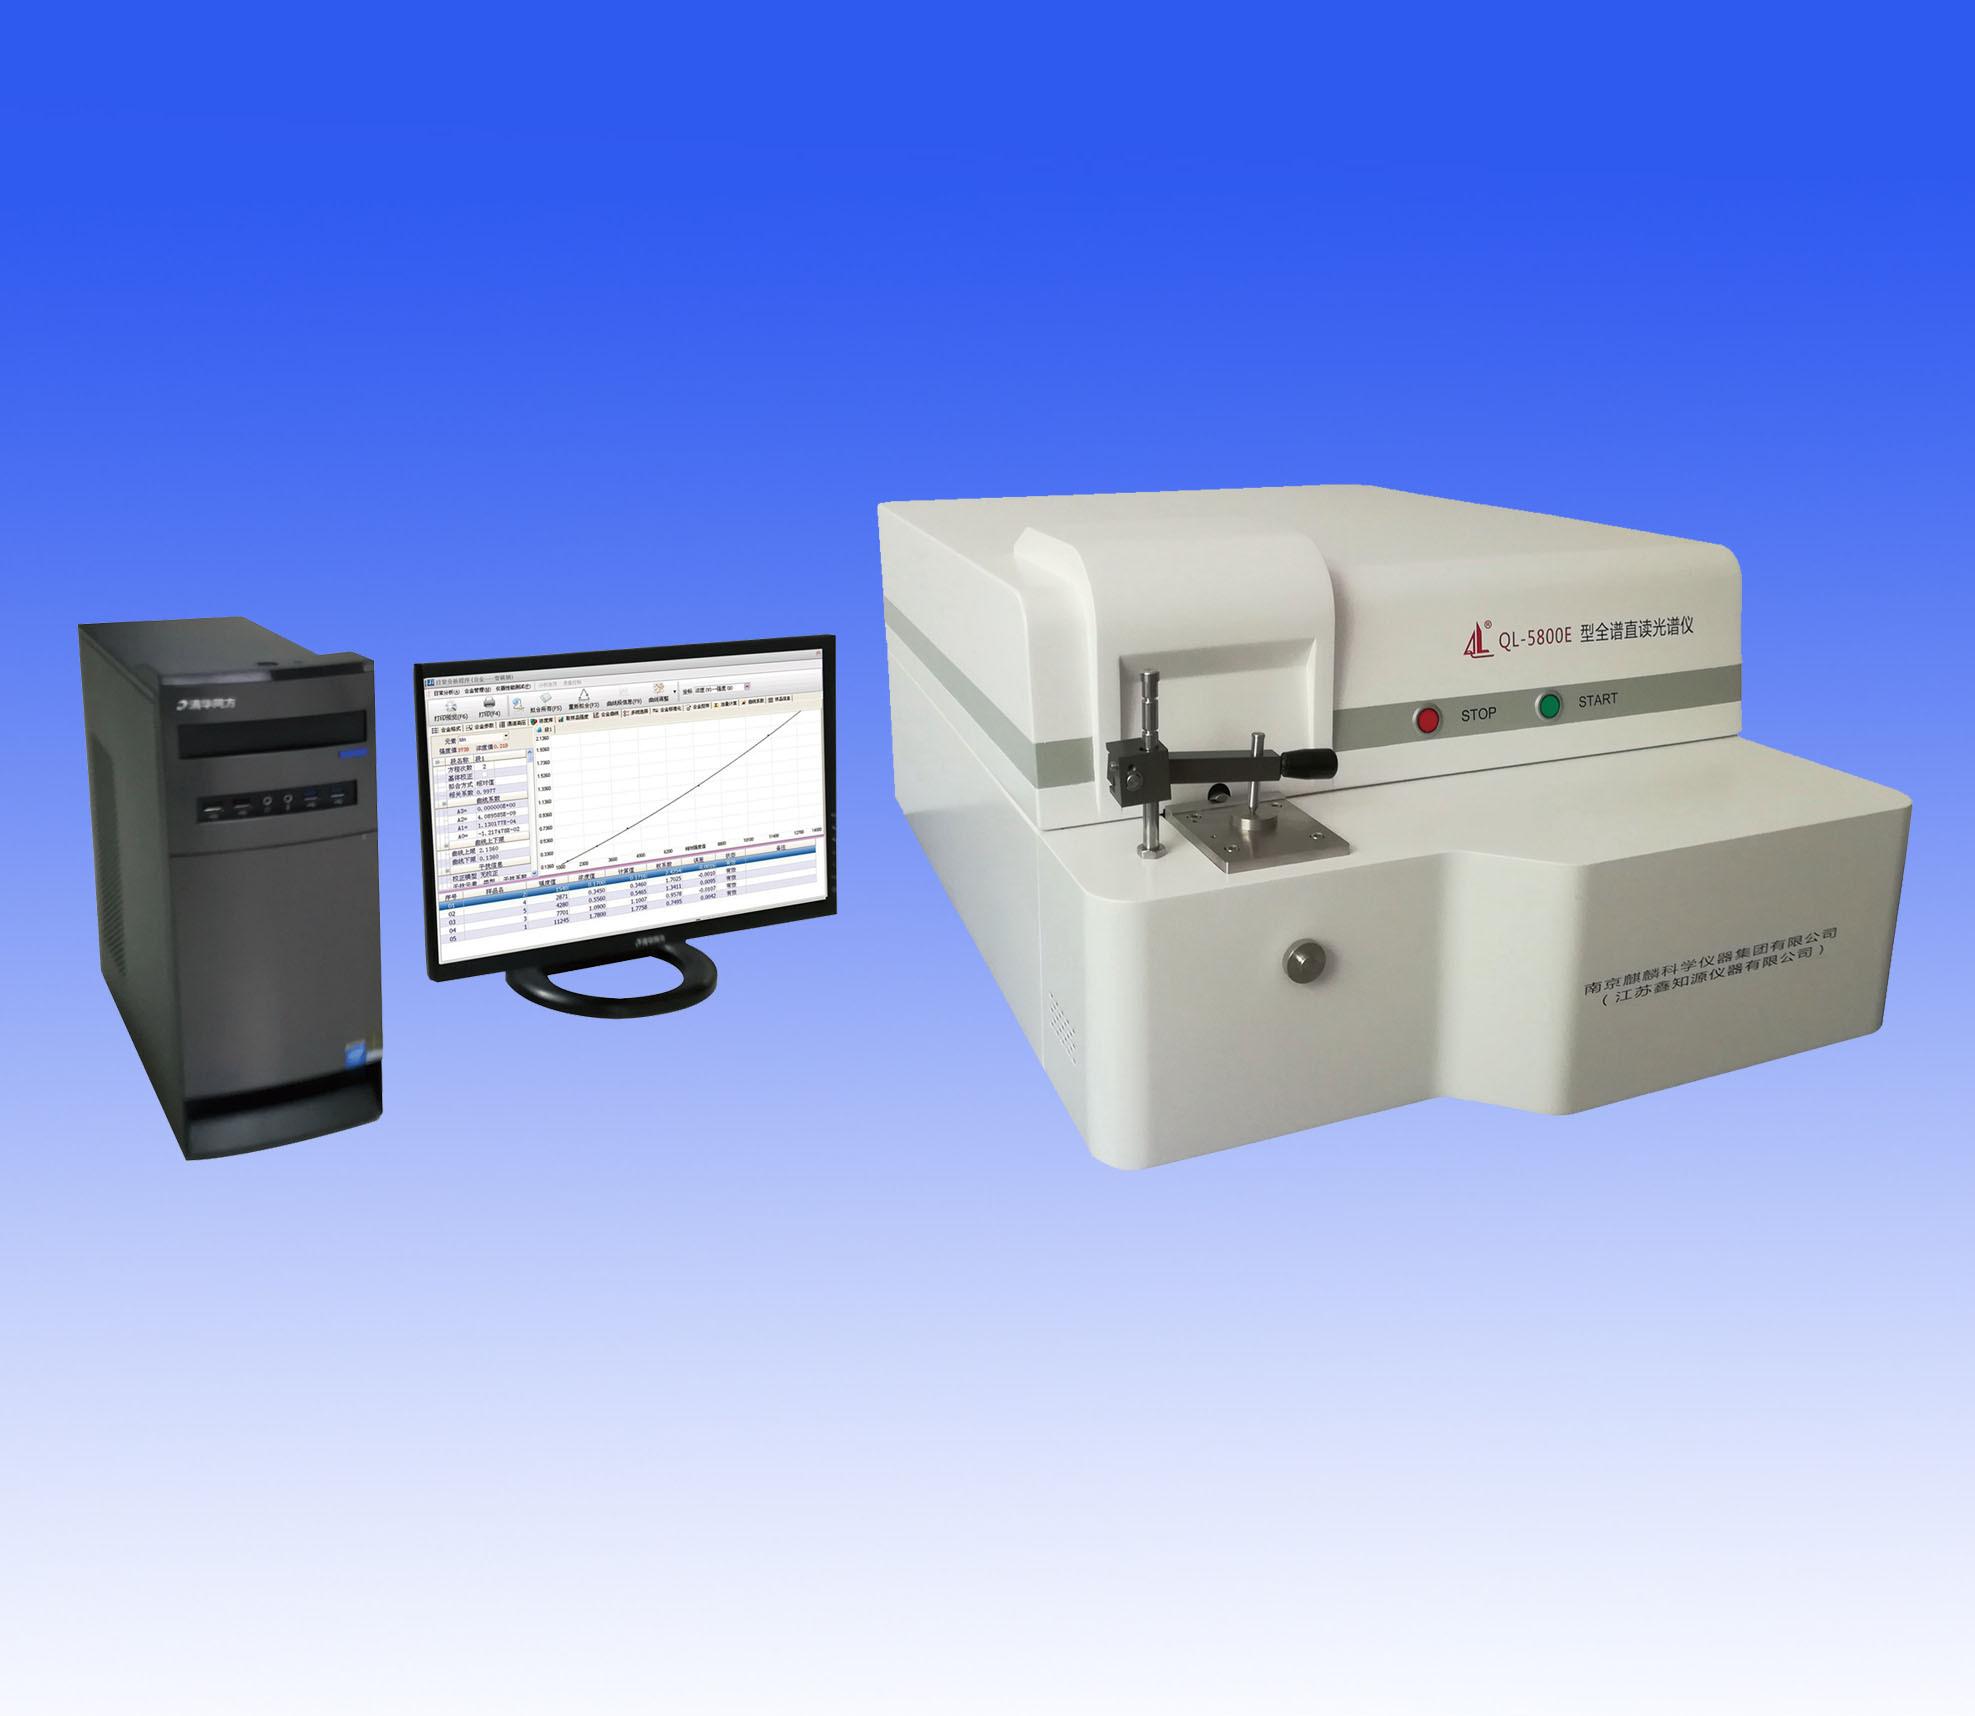 麒麟全谱直读光谱仪 光谱分析仪 QL-5800E型